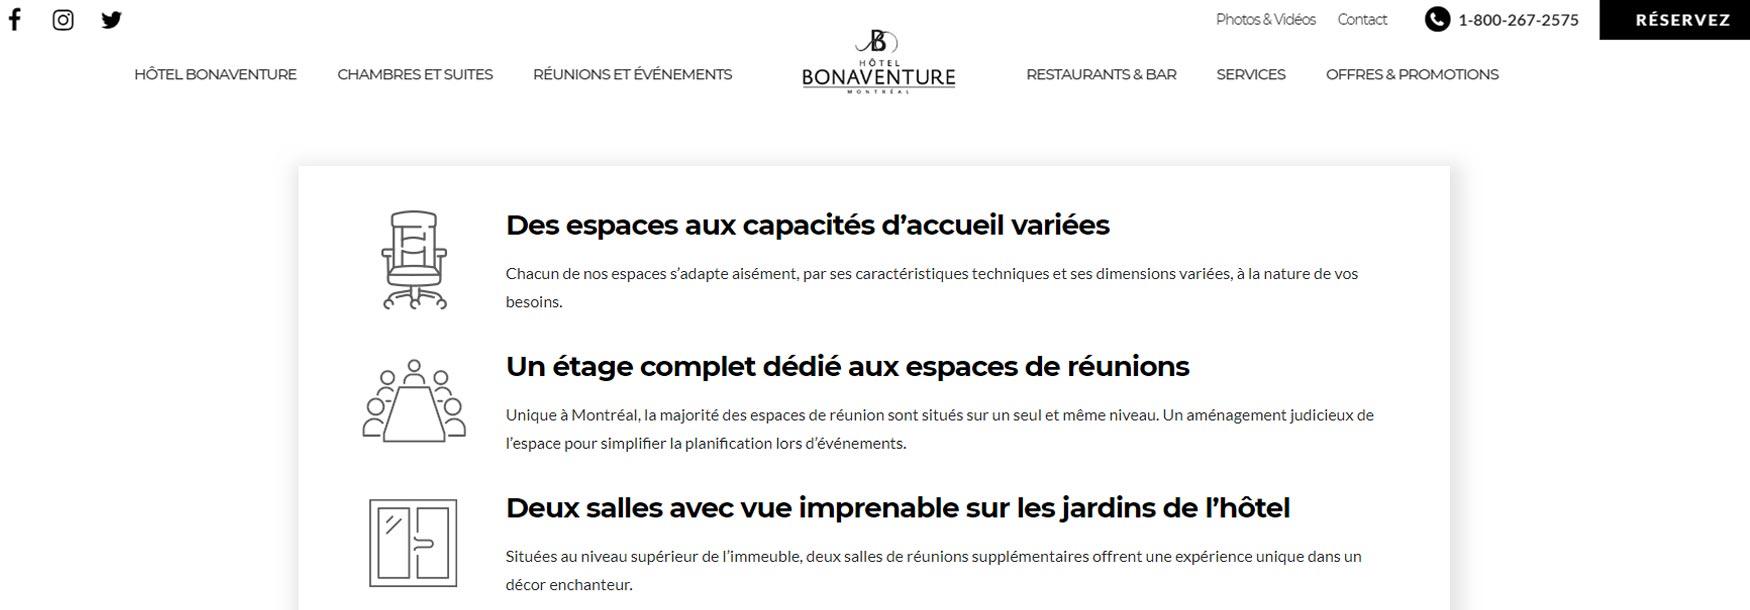 hotel-bonaventure-8